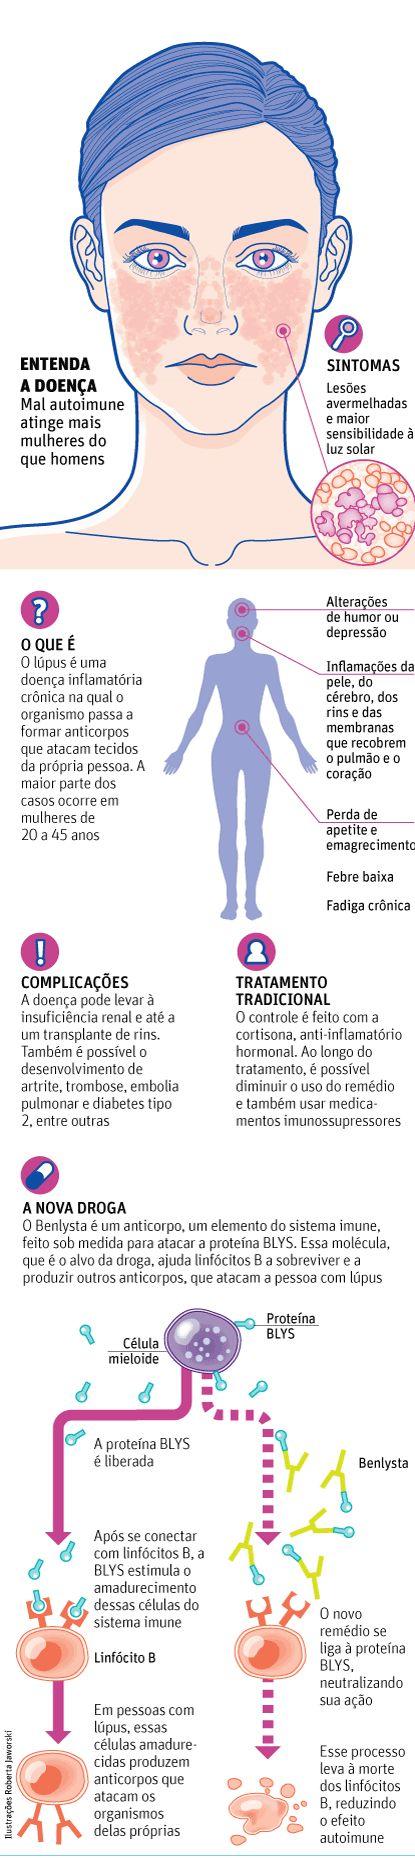 Brasil aprova nova droga biológica contra o lúpus - 22/07/2013 - Equilíbrio e Saúde - Folha de S.Paulo